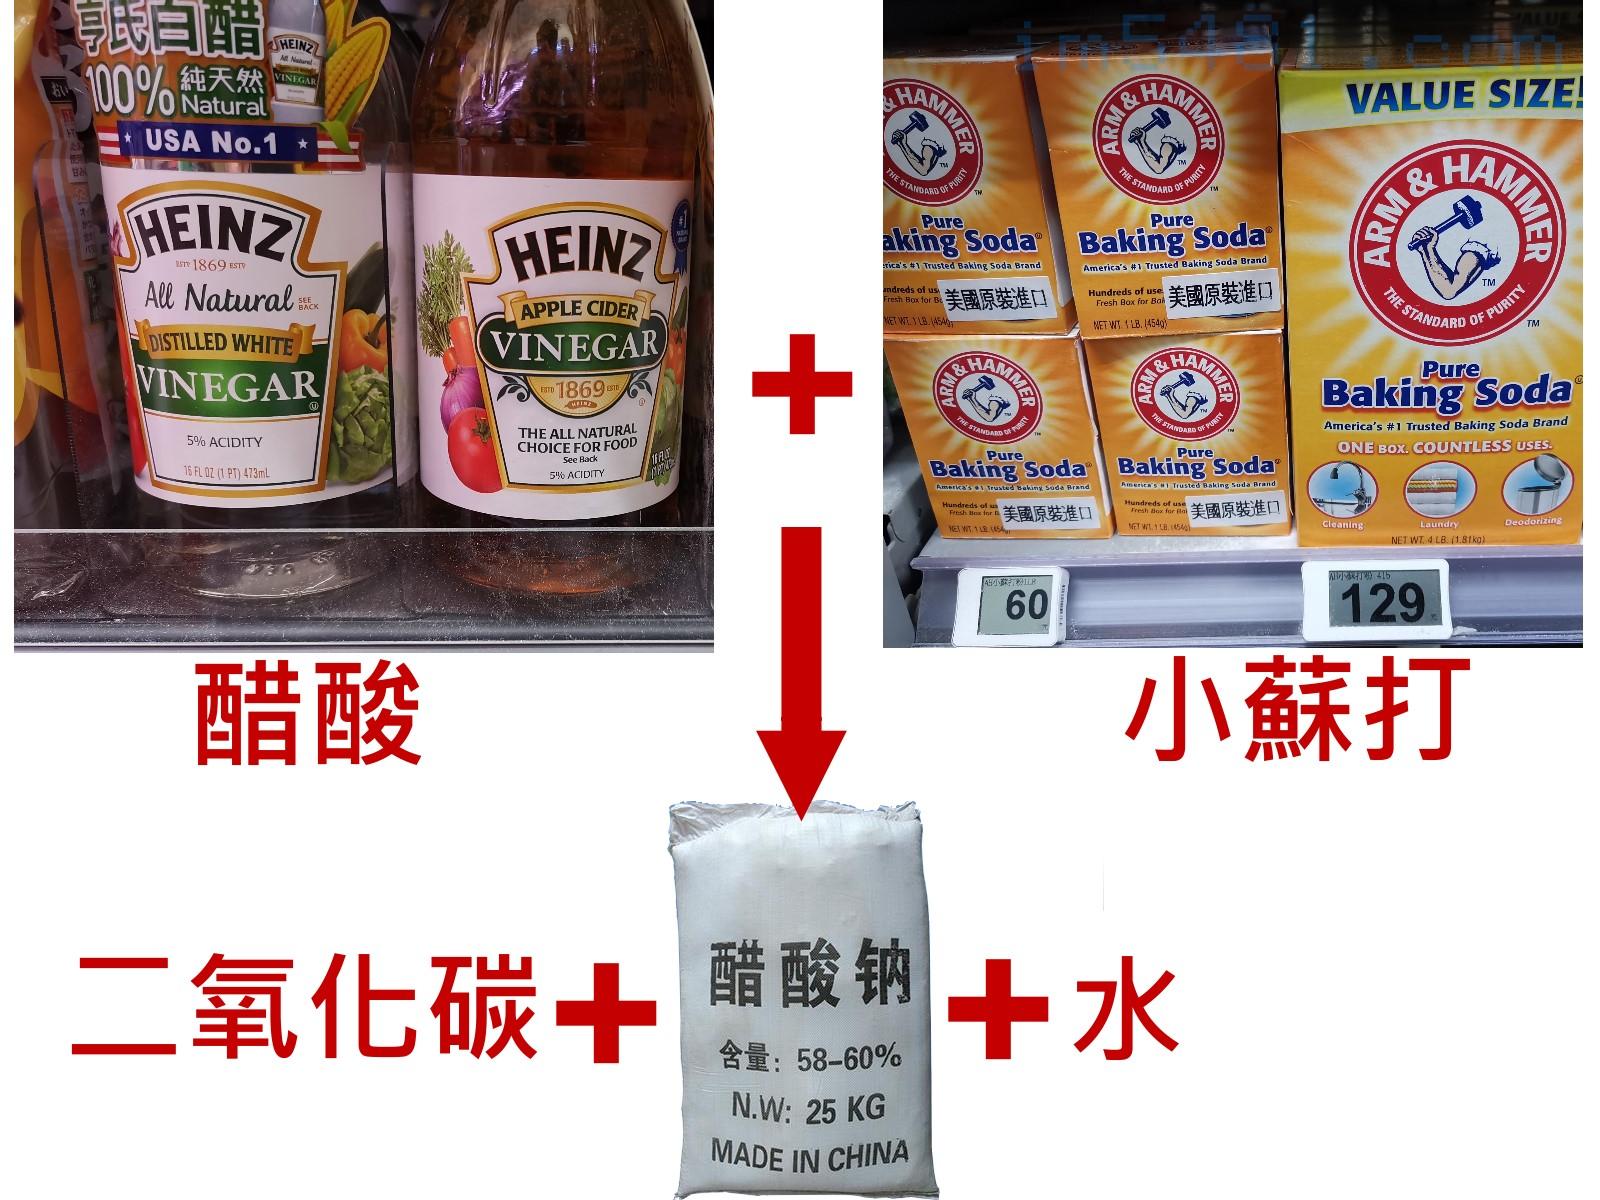 醋酸跟小蘇打的反應產物為醋酸鈉 二氧化碳 水